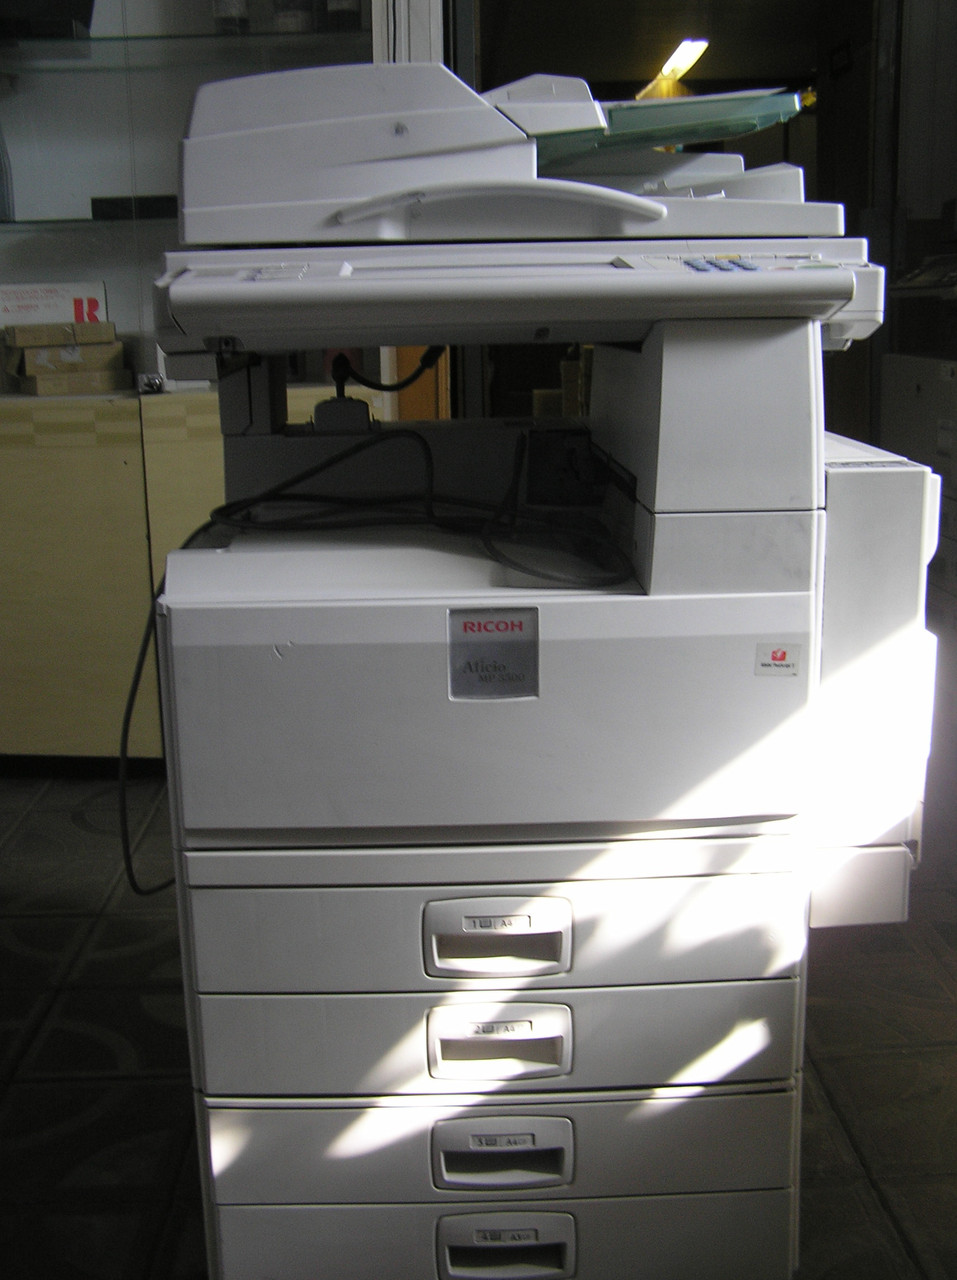 Ricoh mp 3500